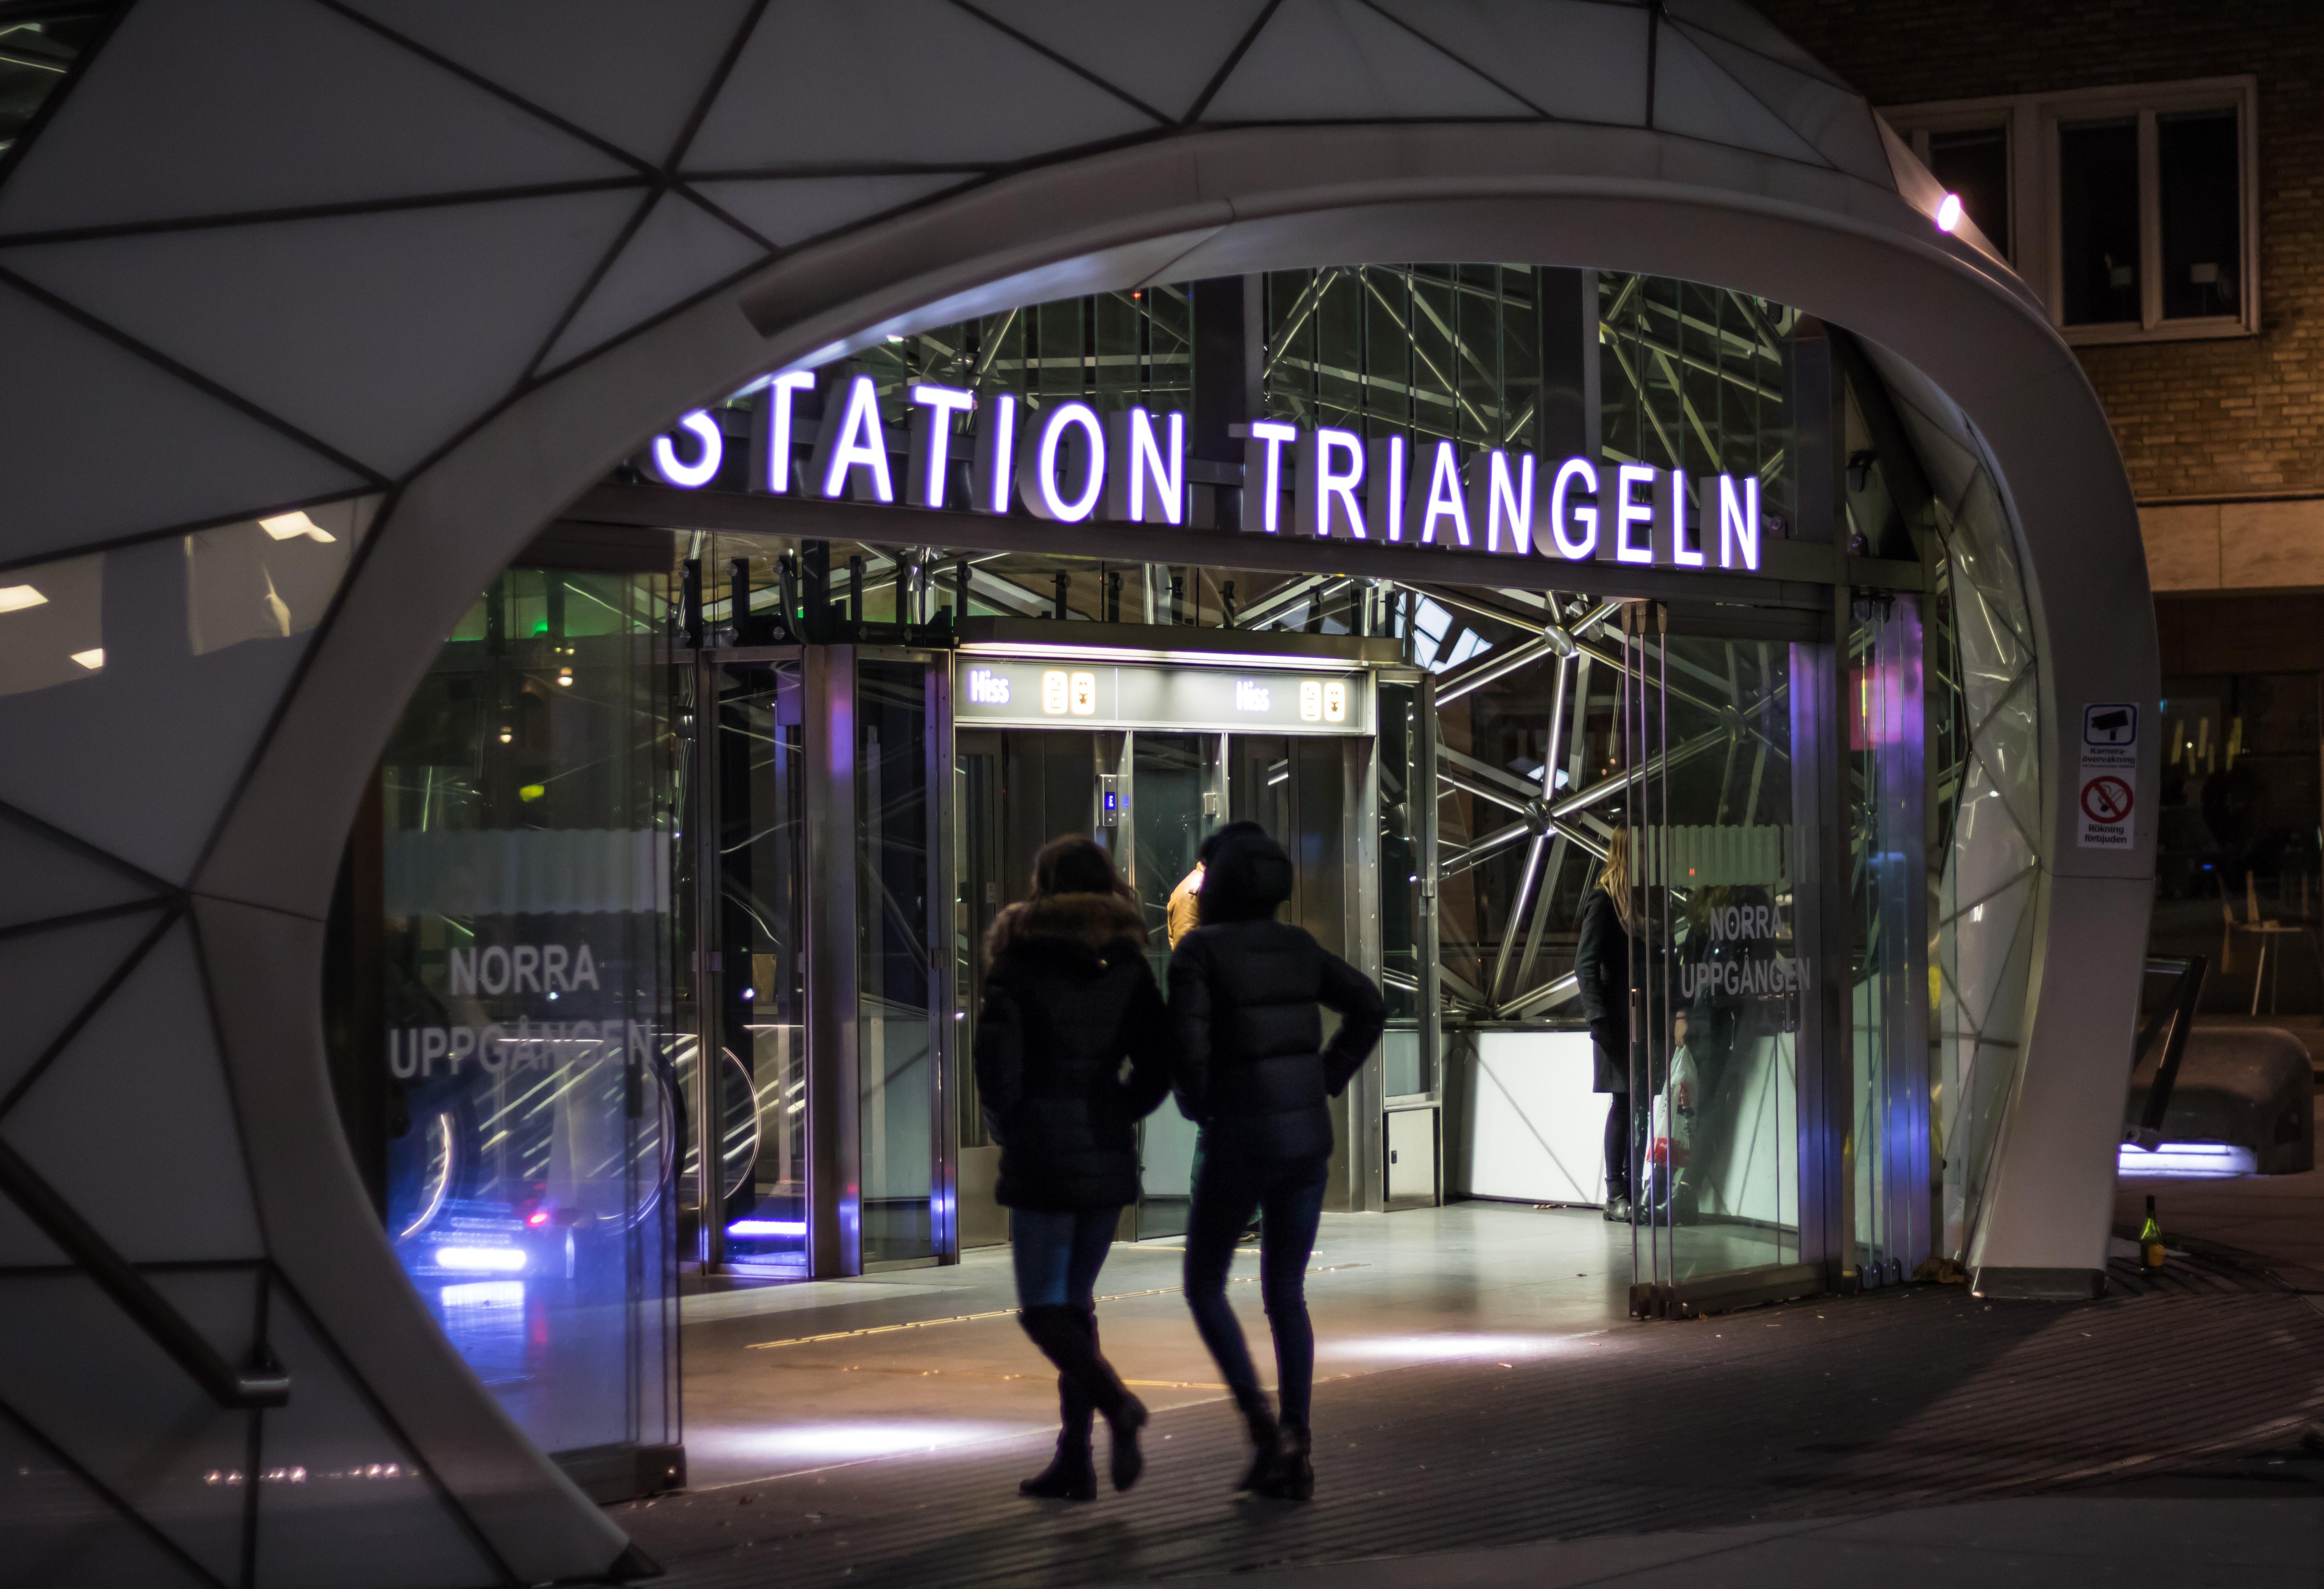 Wallpaper : night, infrastructure, station, trainstation, triangeln